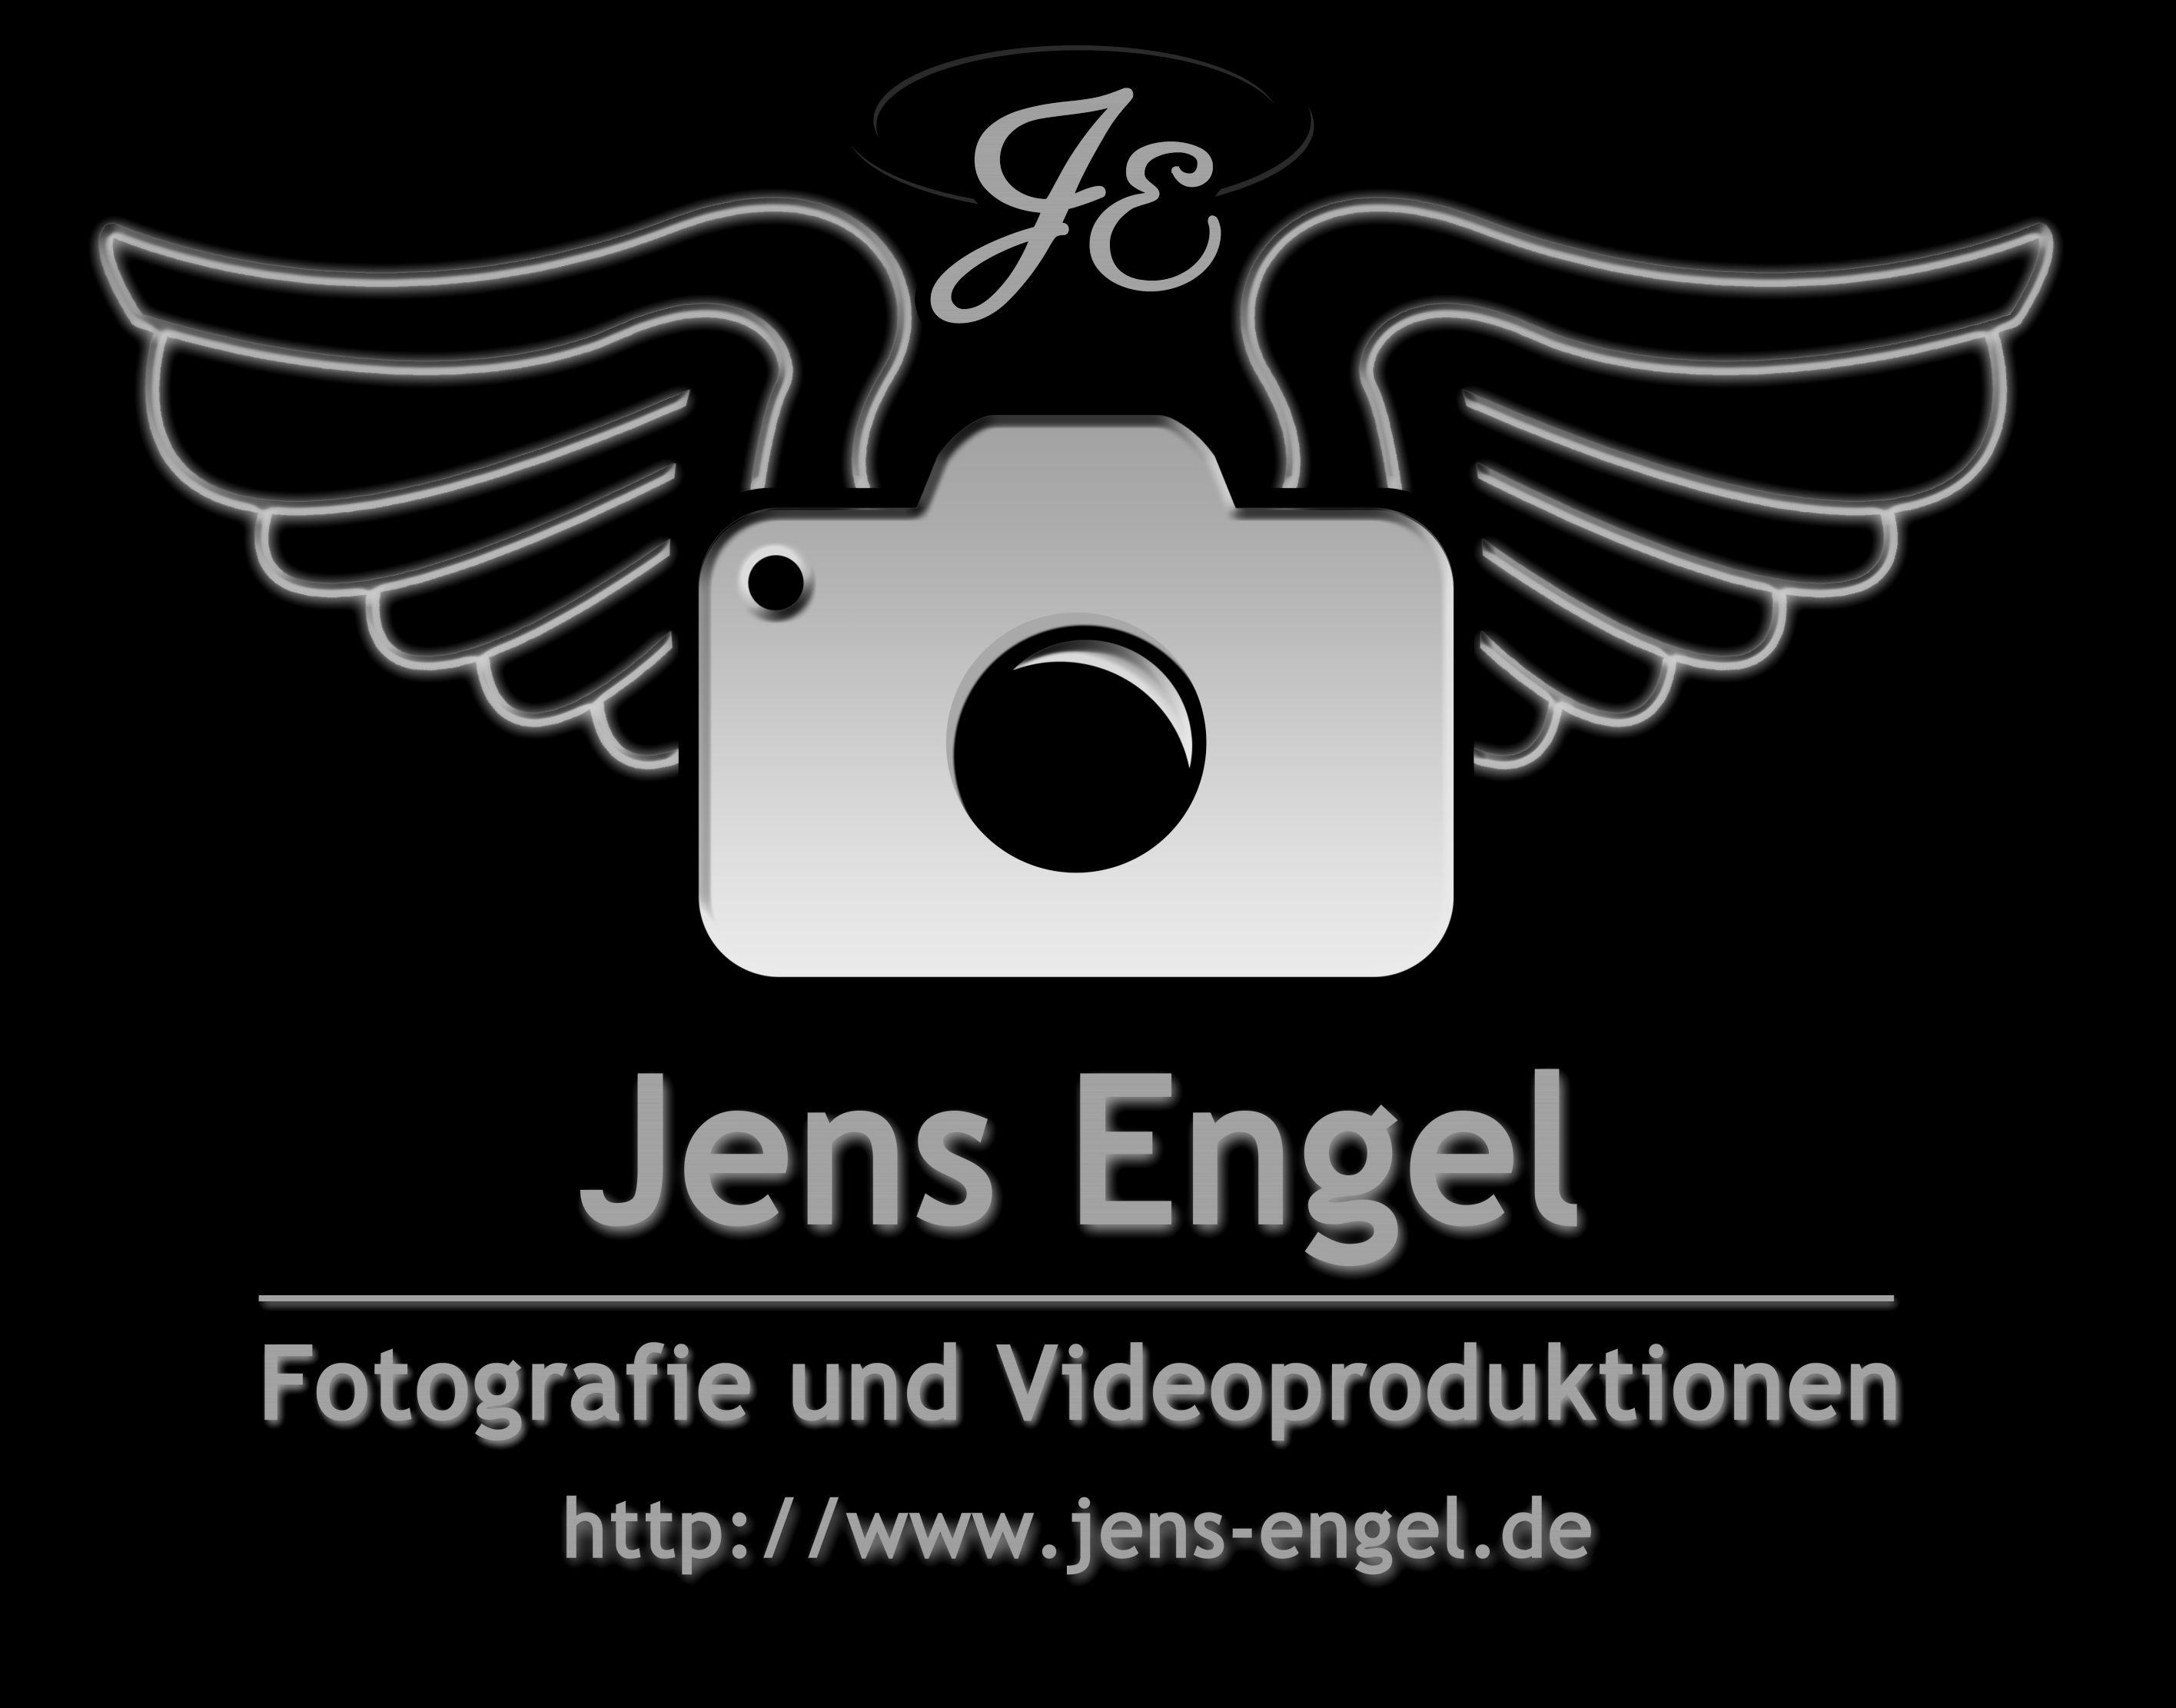 Jens Engel Fotografie & Videoproduktionen